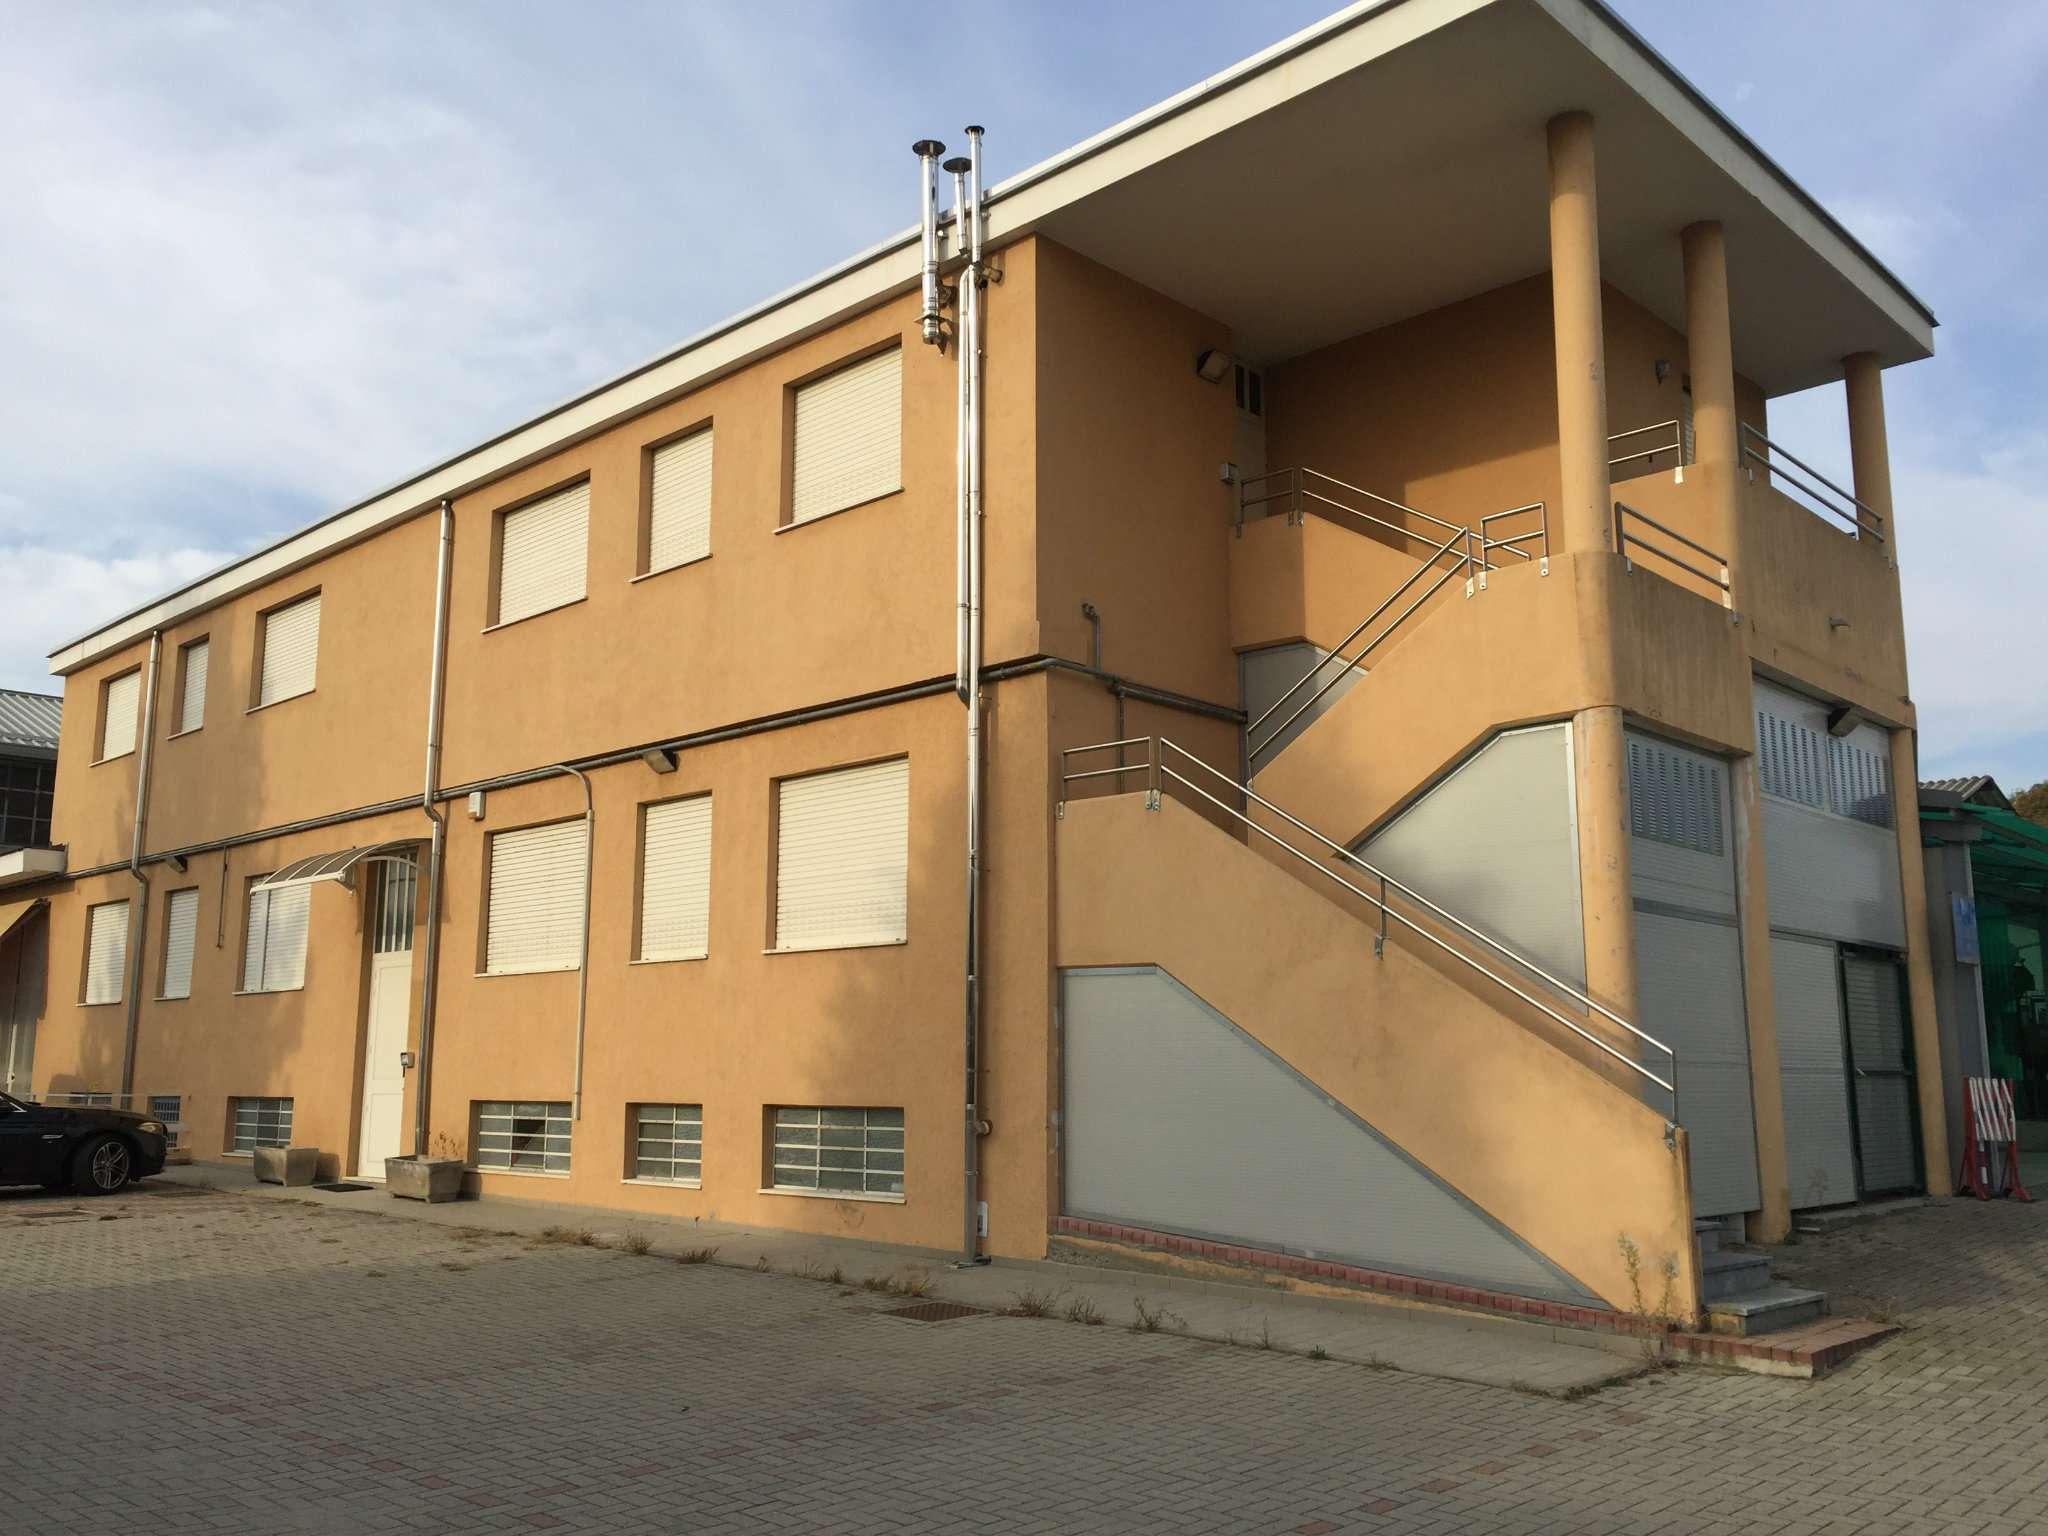 Capannone in vendita a Rivoli, 9999 locali, Trattative riservate | PortaleAgenzieImmobiliari.it